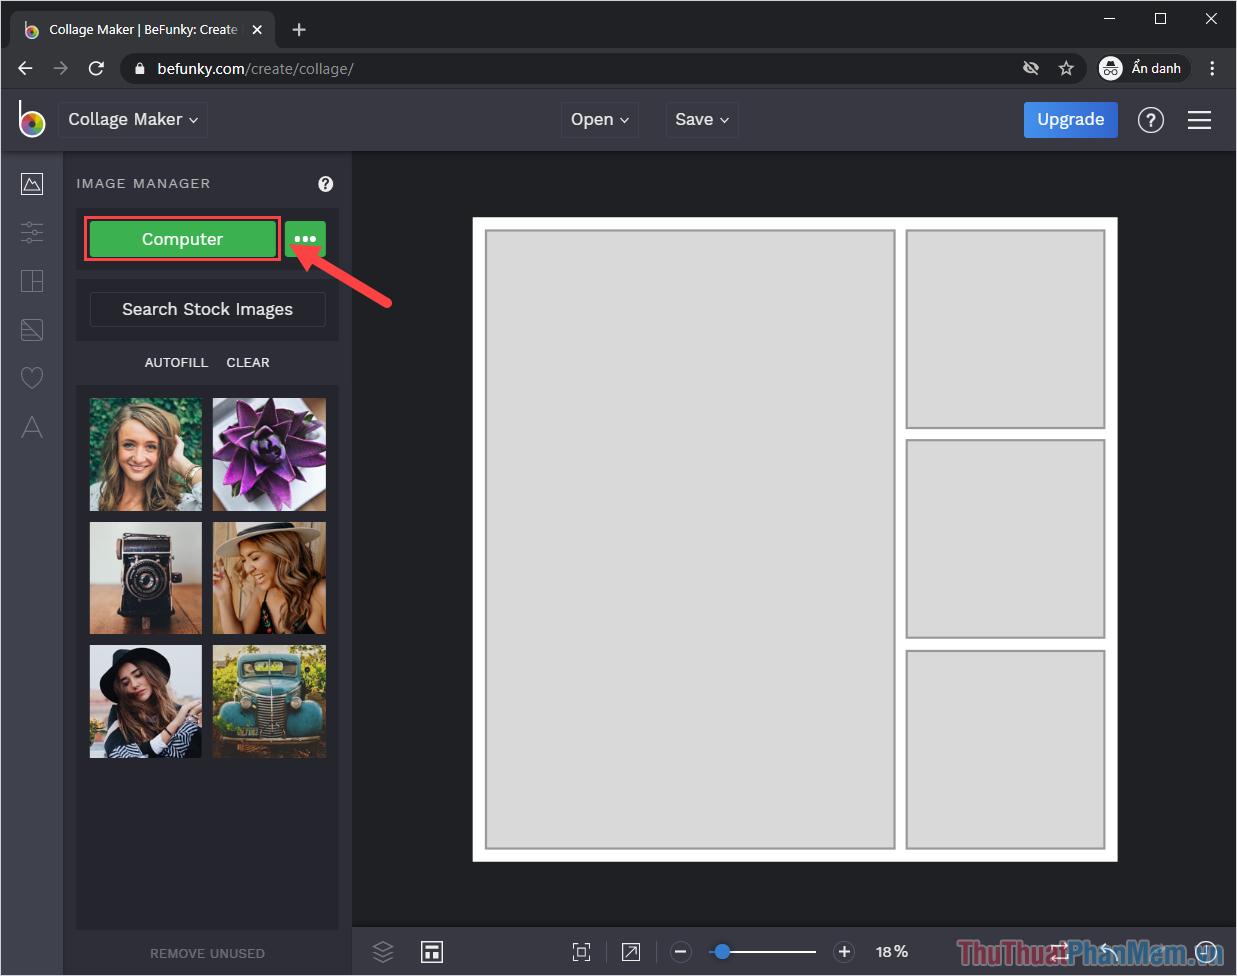 Chọn mục Computer để tiến hành tải hình ảnh cần ghép từ máy tính lên